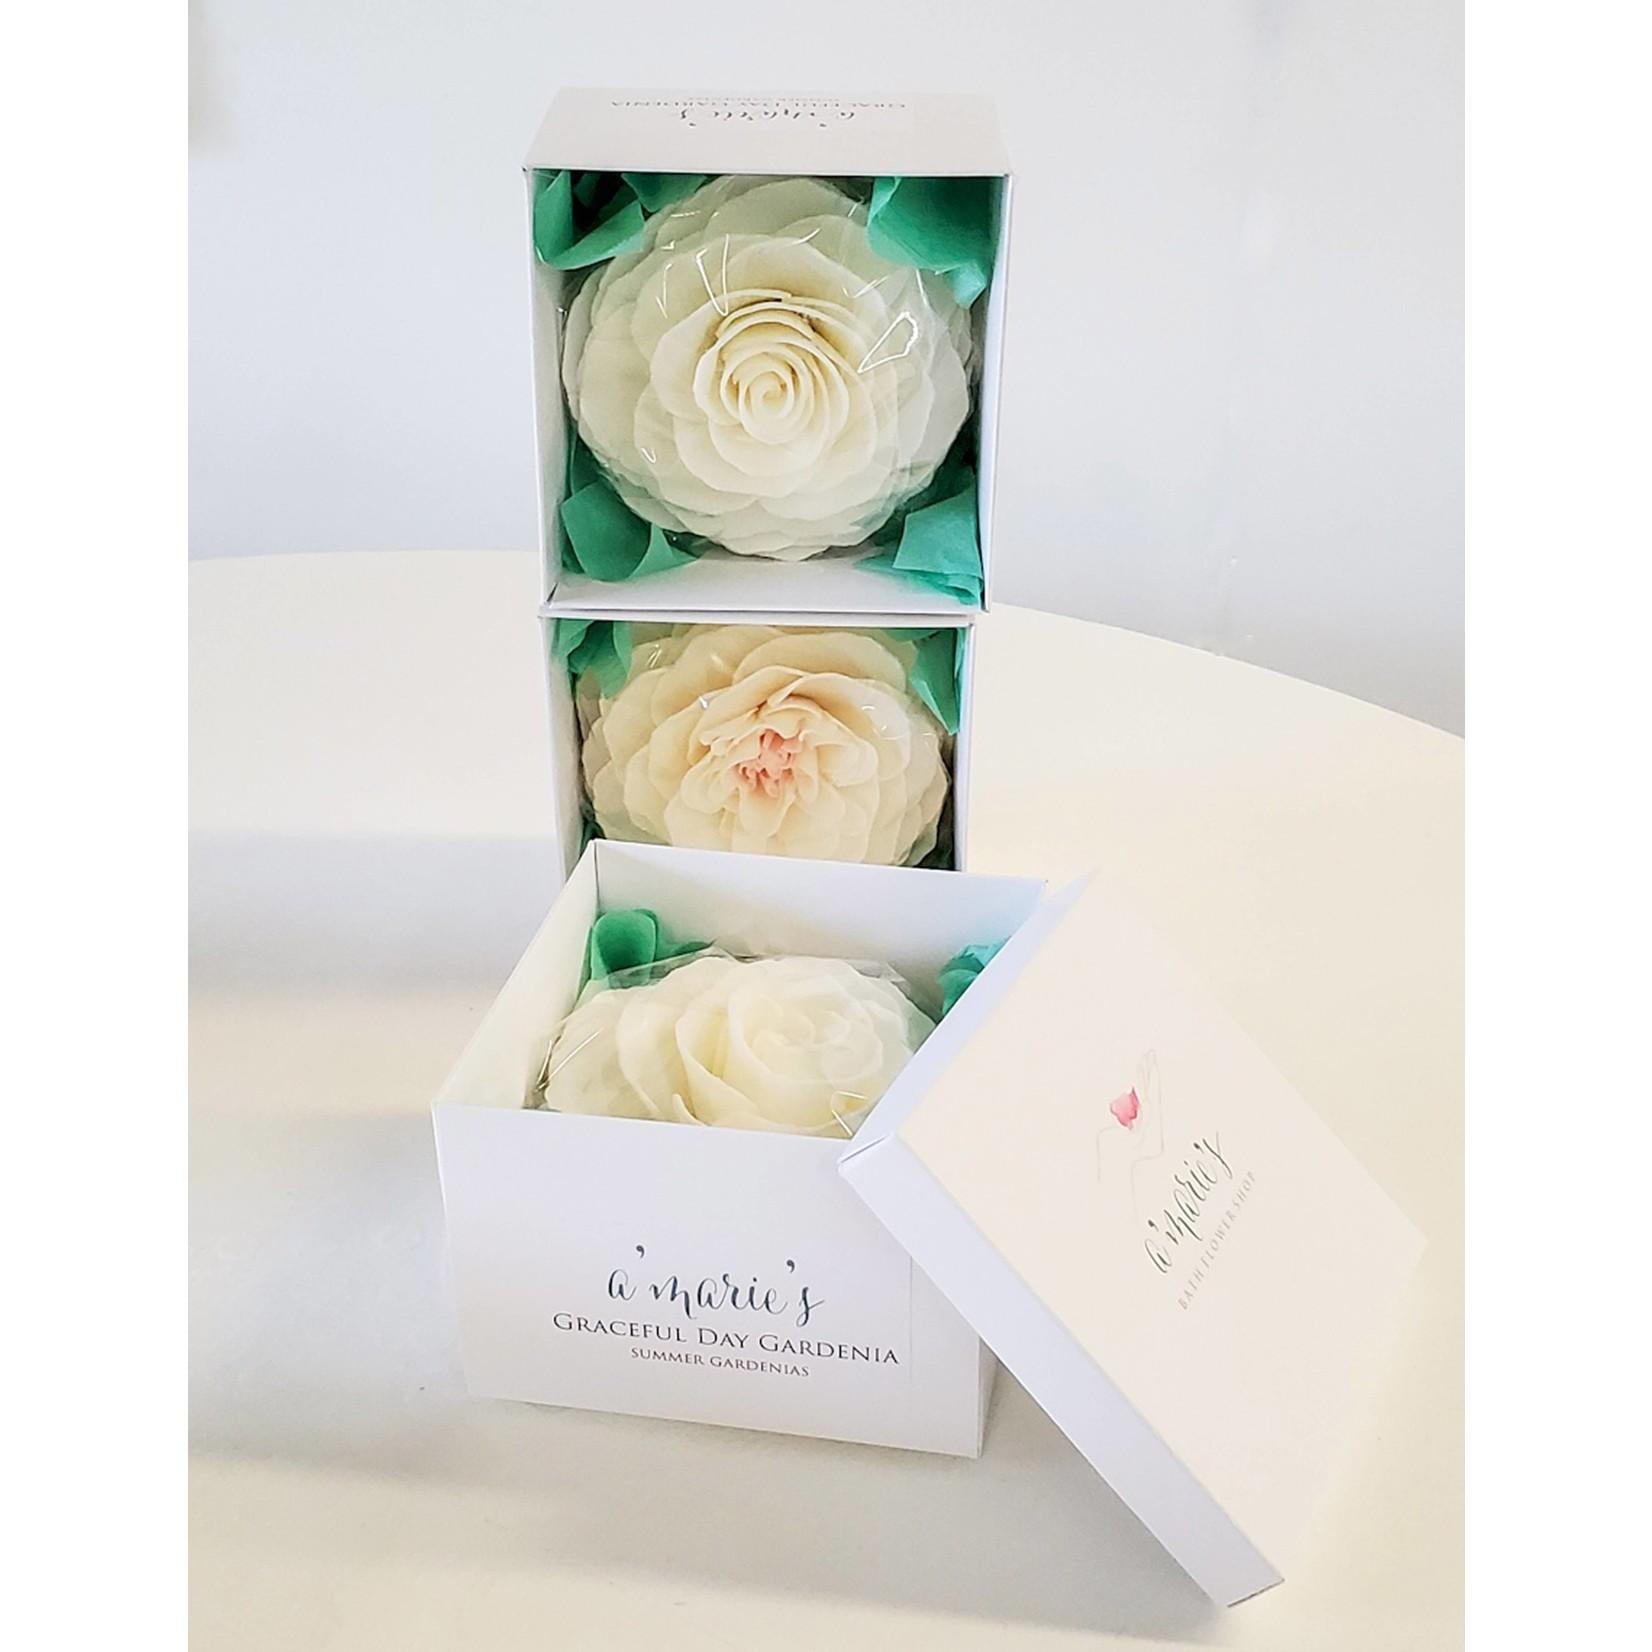 A'marie's Bath Flower Shop Gracious Pearl Petal Soap Flower